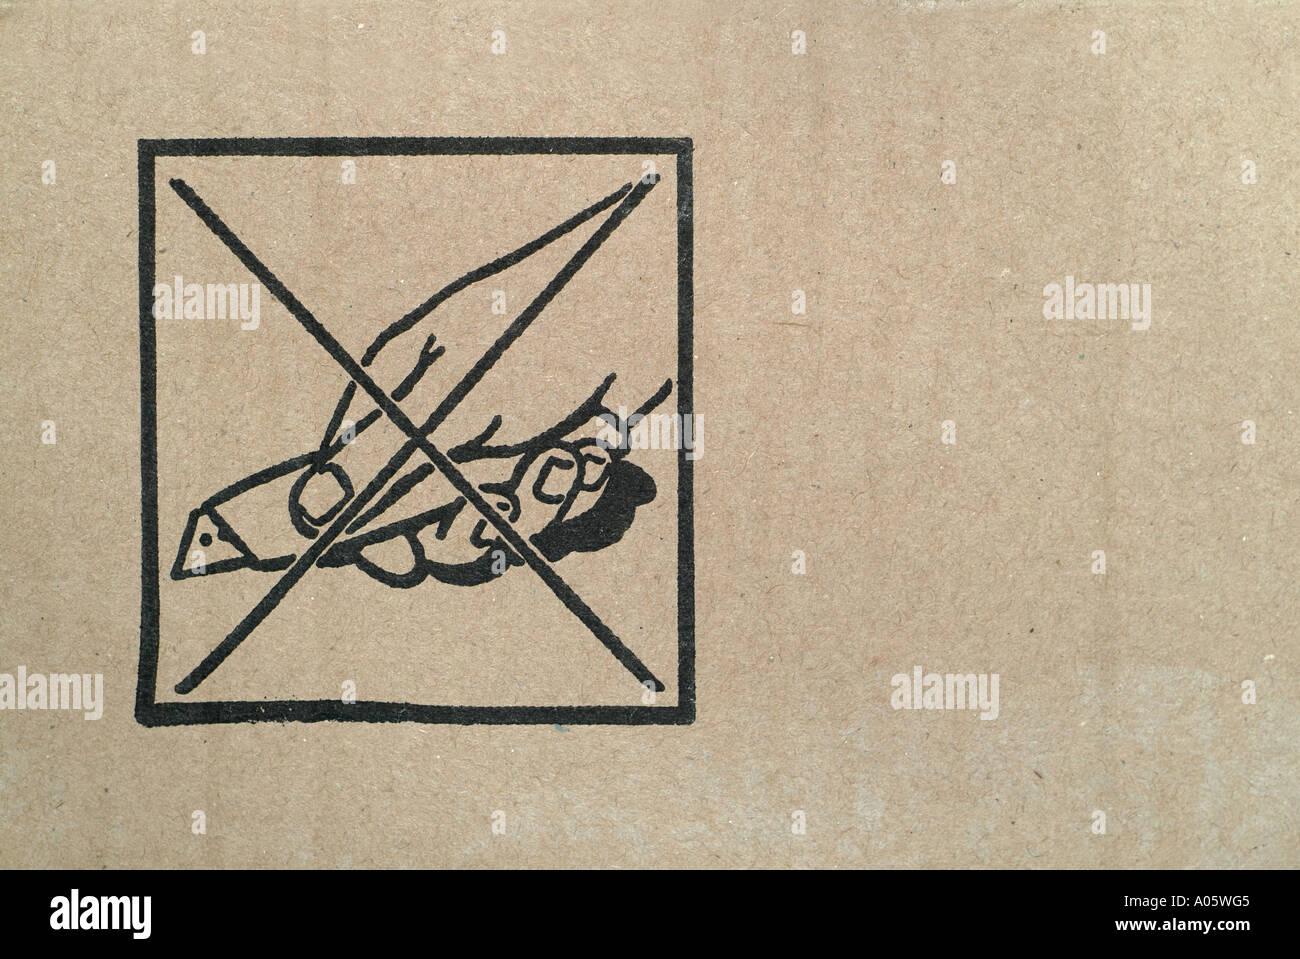 Símbolo de advertencia contra una caja de cartón con un cuchillo de apertura Imagen De Stock